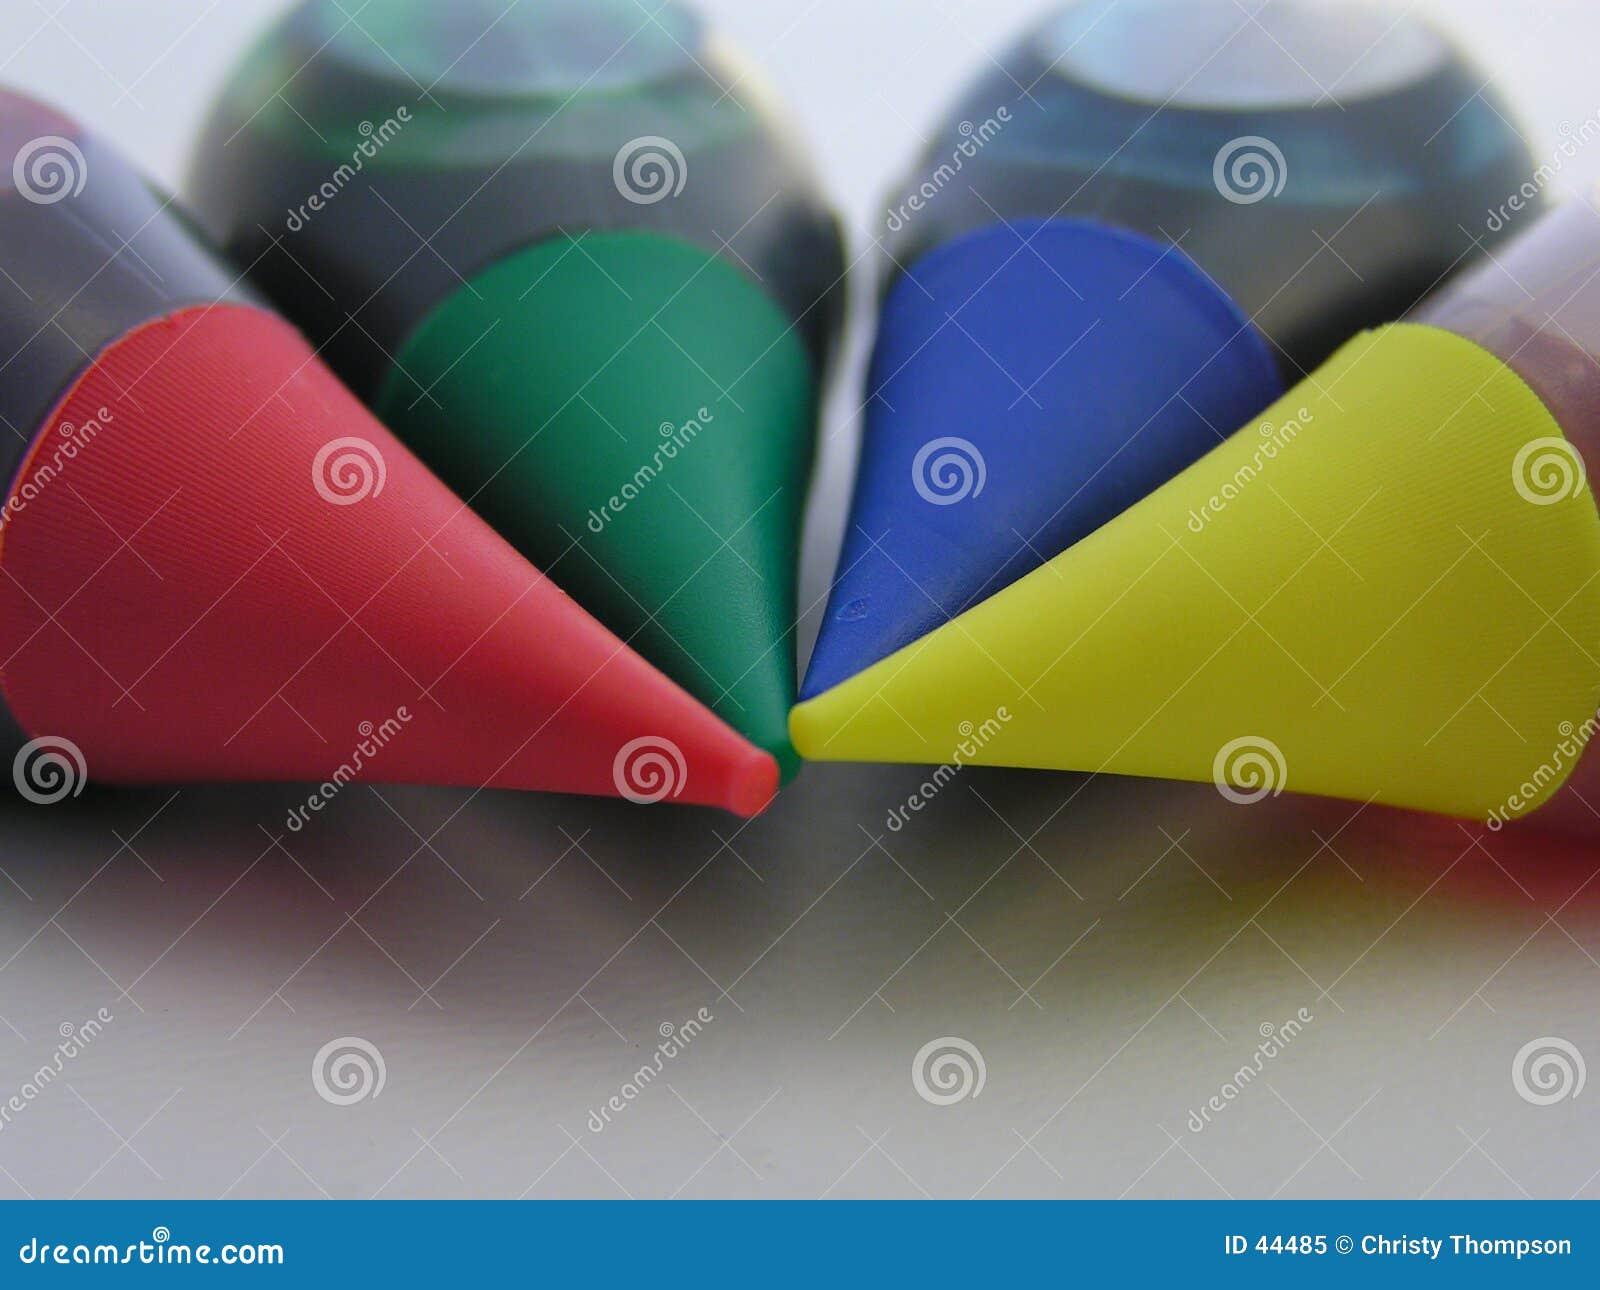 Download Kleuren van diversiteit 2 stock afbeelding. Afbeelding bestaande uit kleuring - 44485